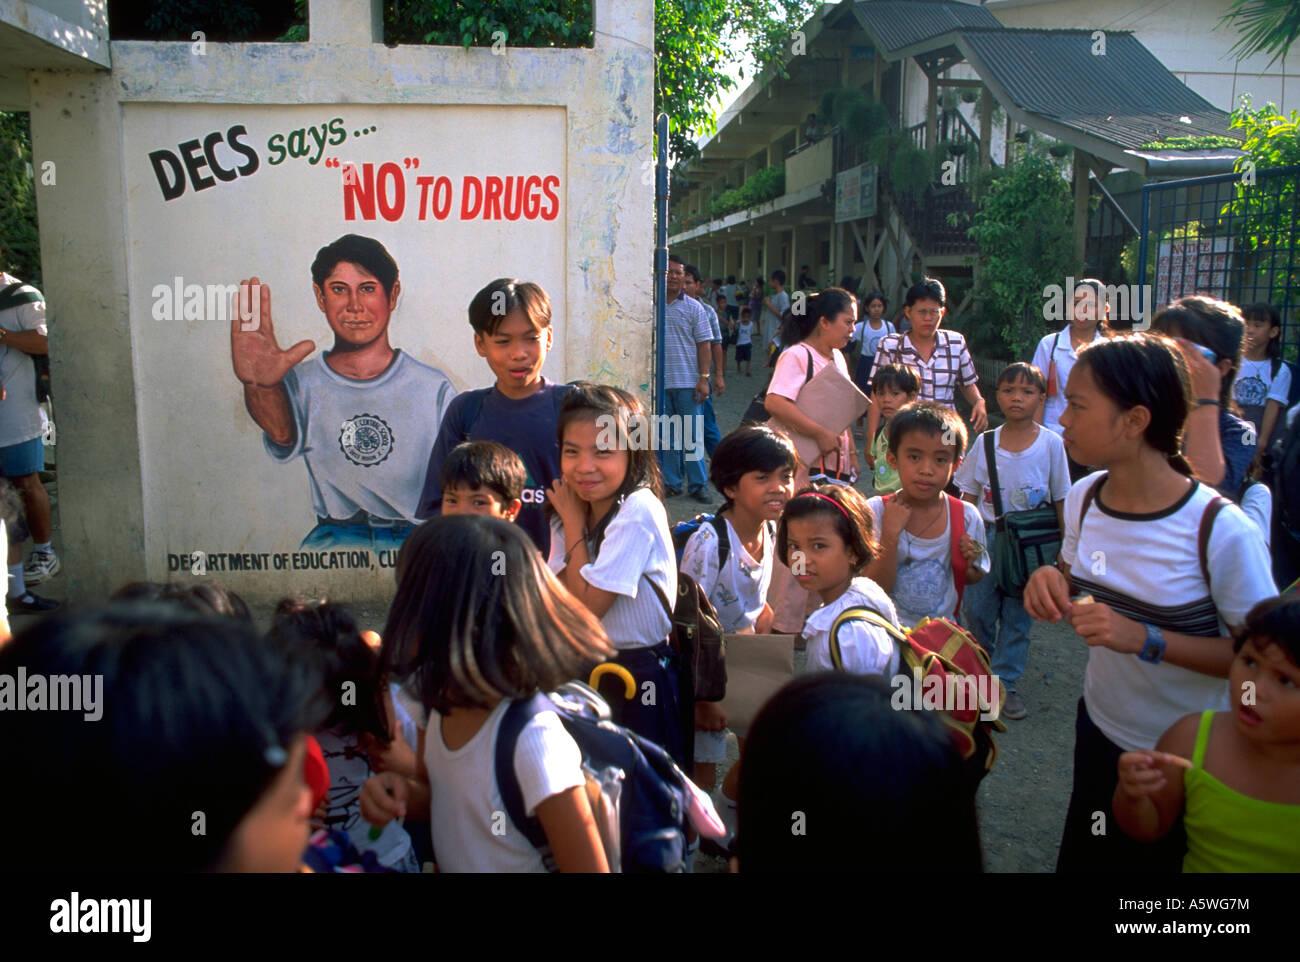 Painet hl0225 school kids enfants oro cagayon mindinao philippines l'adolescence éducation à la lutte Photo Stock